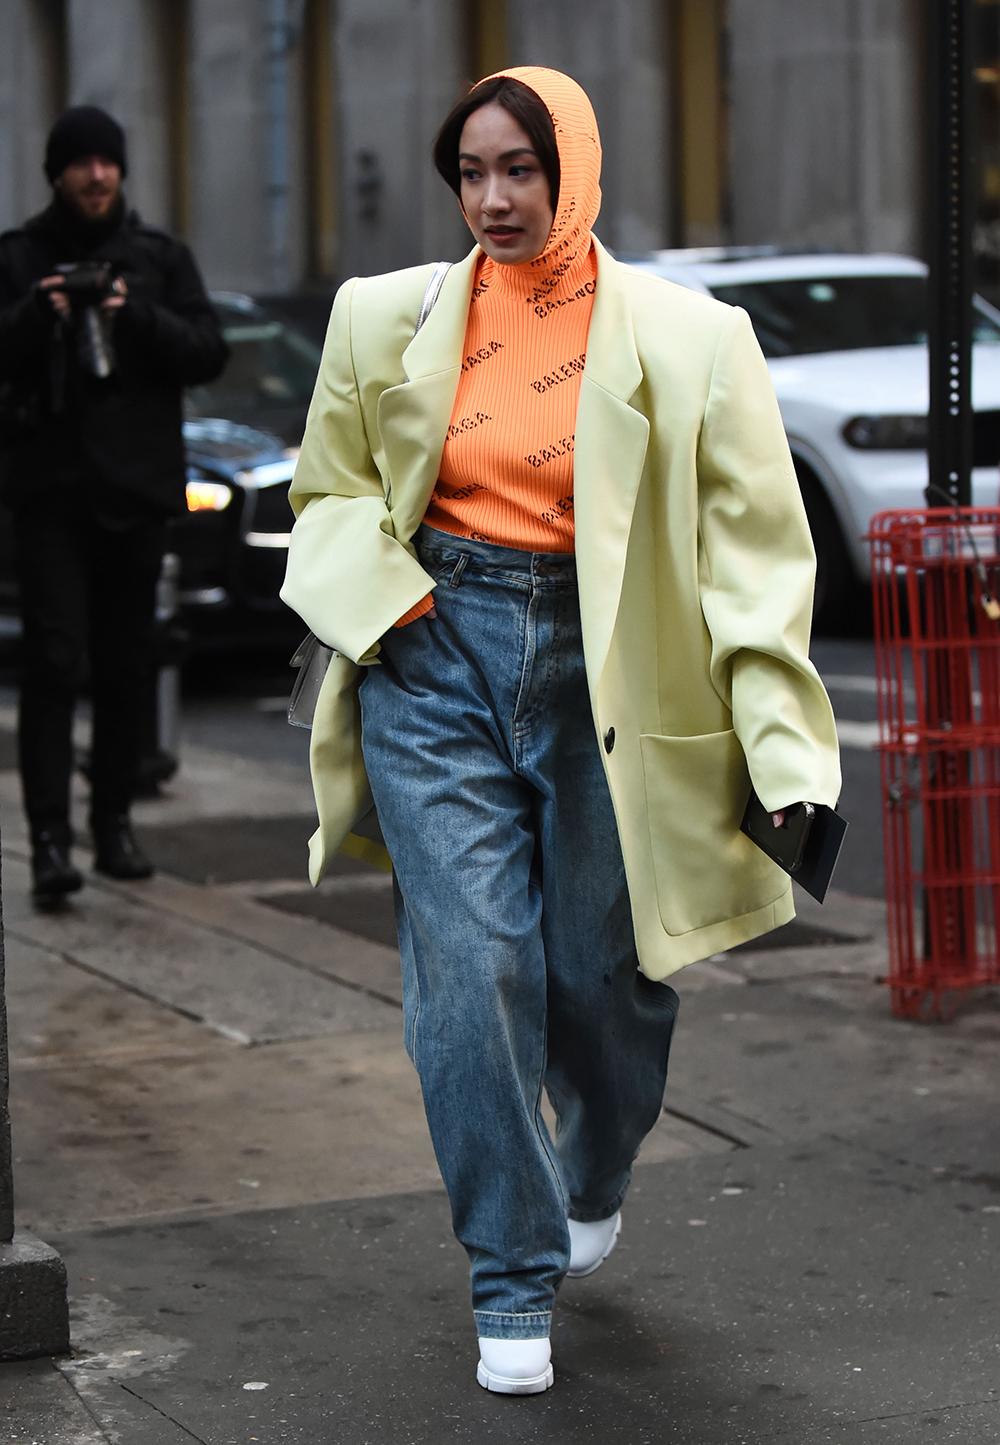 ビッグシルエットのジャケットはストリートスタイルにも合わせやすい。フーディトップスとワイドシルエットのシンプルなスタイルに遊び心を加えてくれるから自分らしいコーディネイトが完成する。